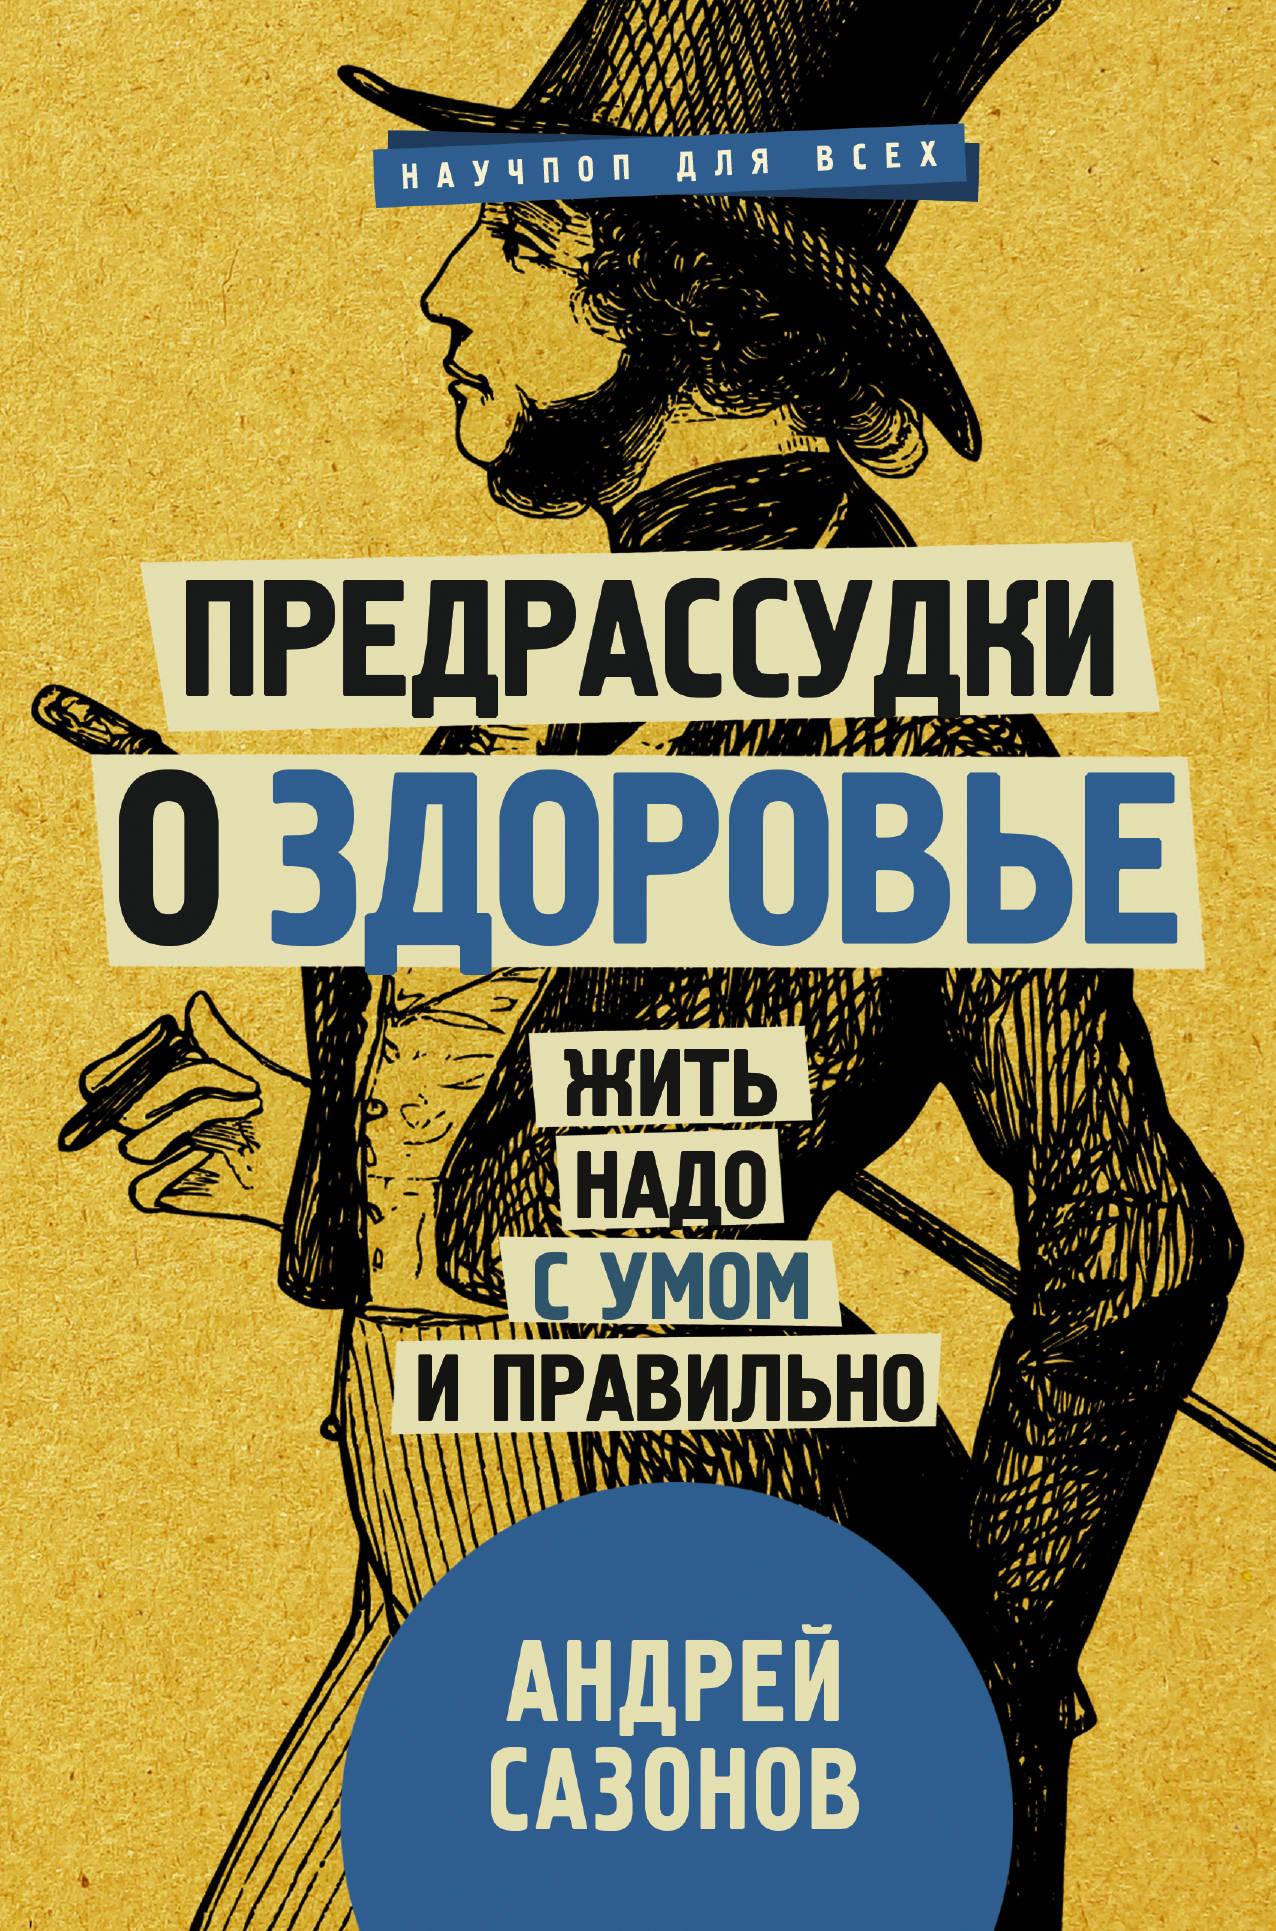 Андрей Сазонов Предрассудки о здоровье. Жить надо с умом и правильно